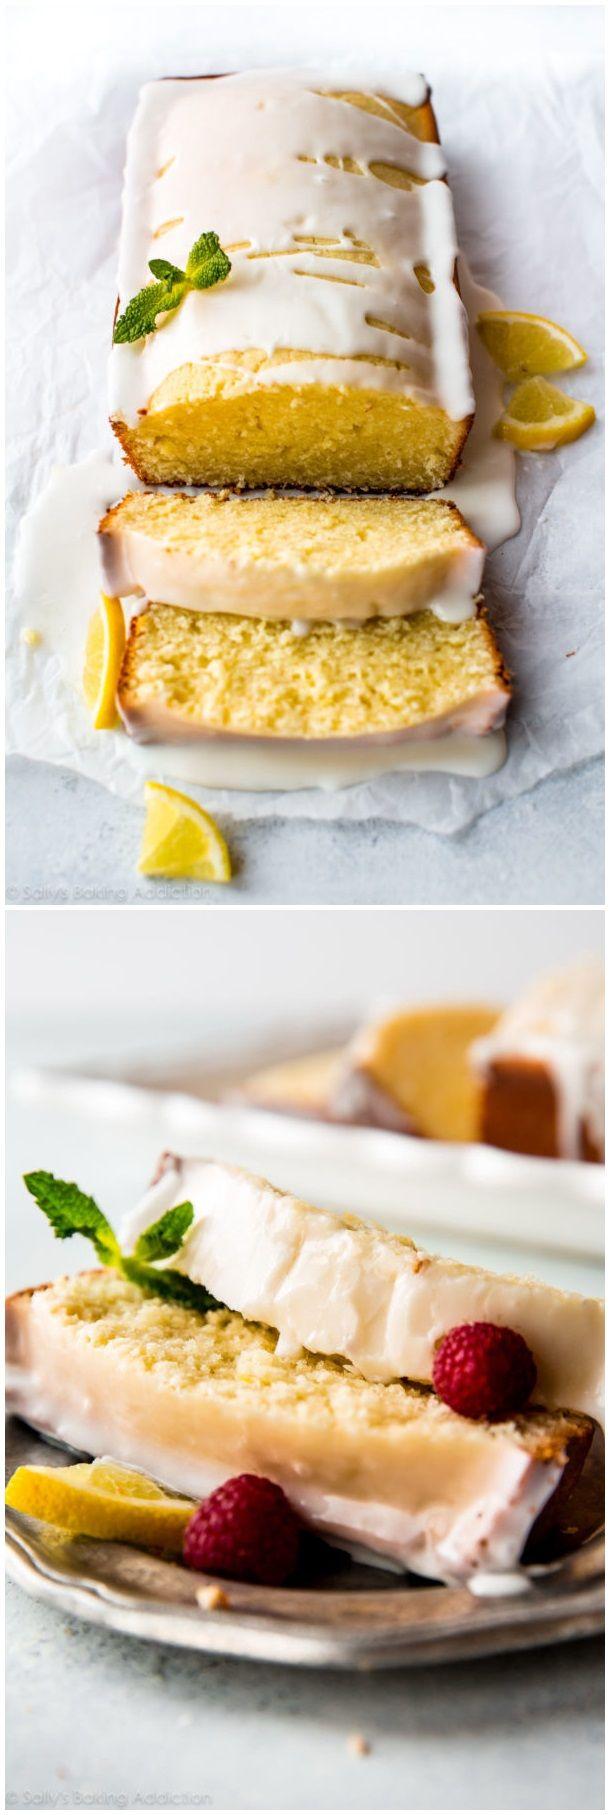 Iced Lemon Pound Cake